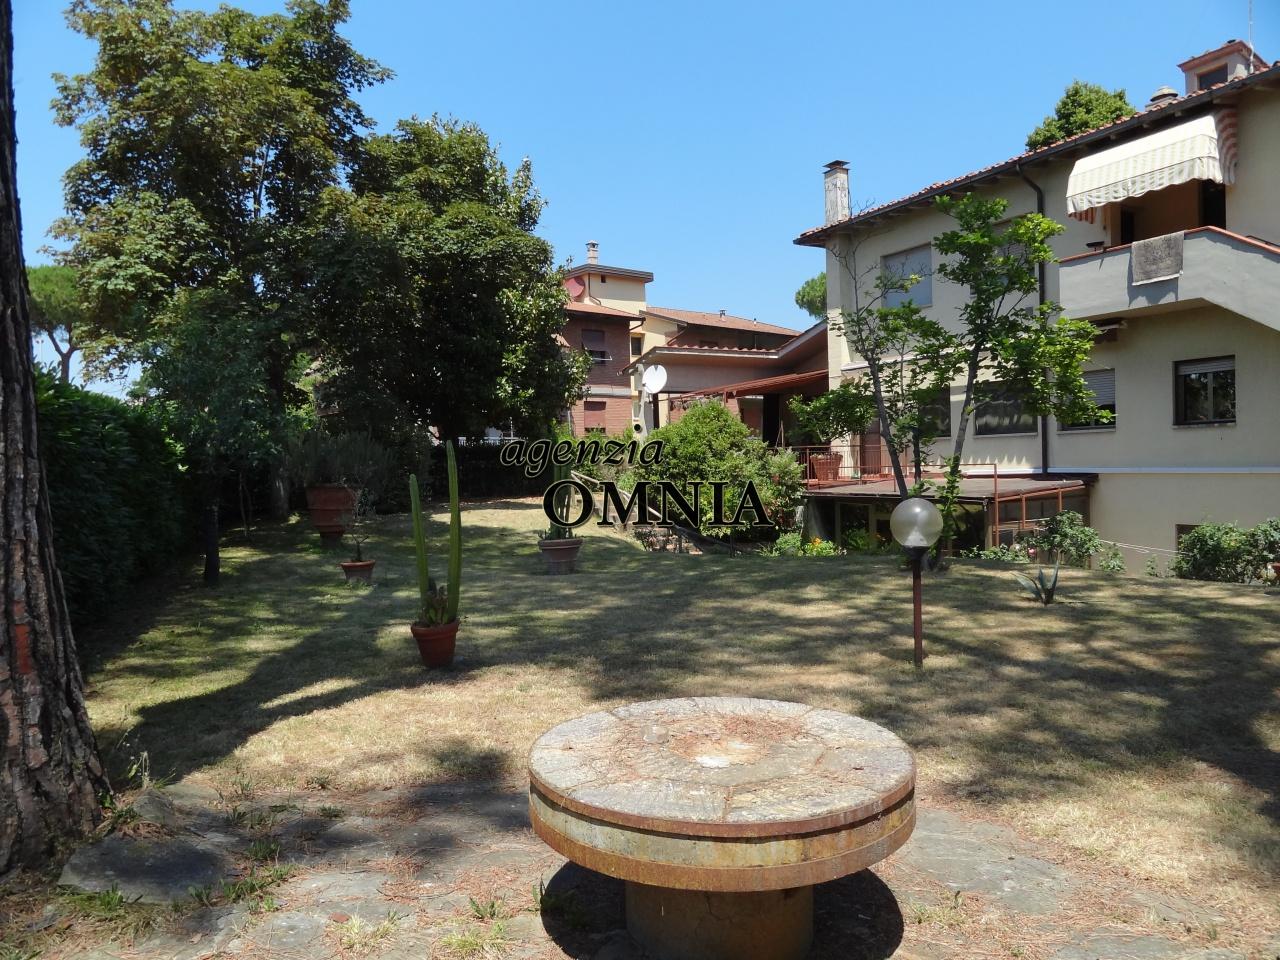 Casa indipendente in vendita a firenze agenzie immobiliari firenze - Case in vendita firenze giardino ...